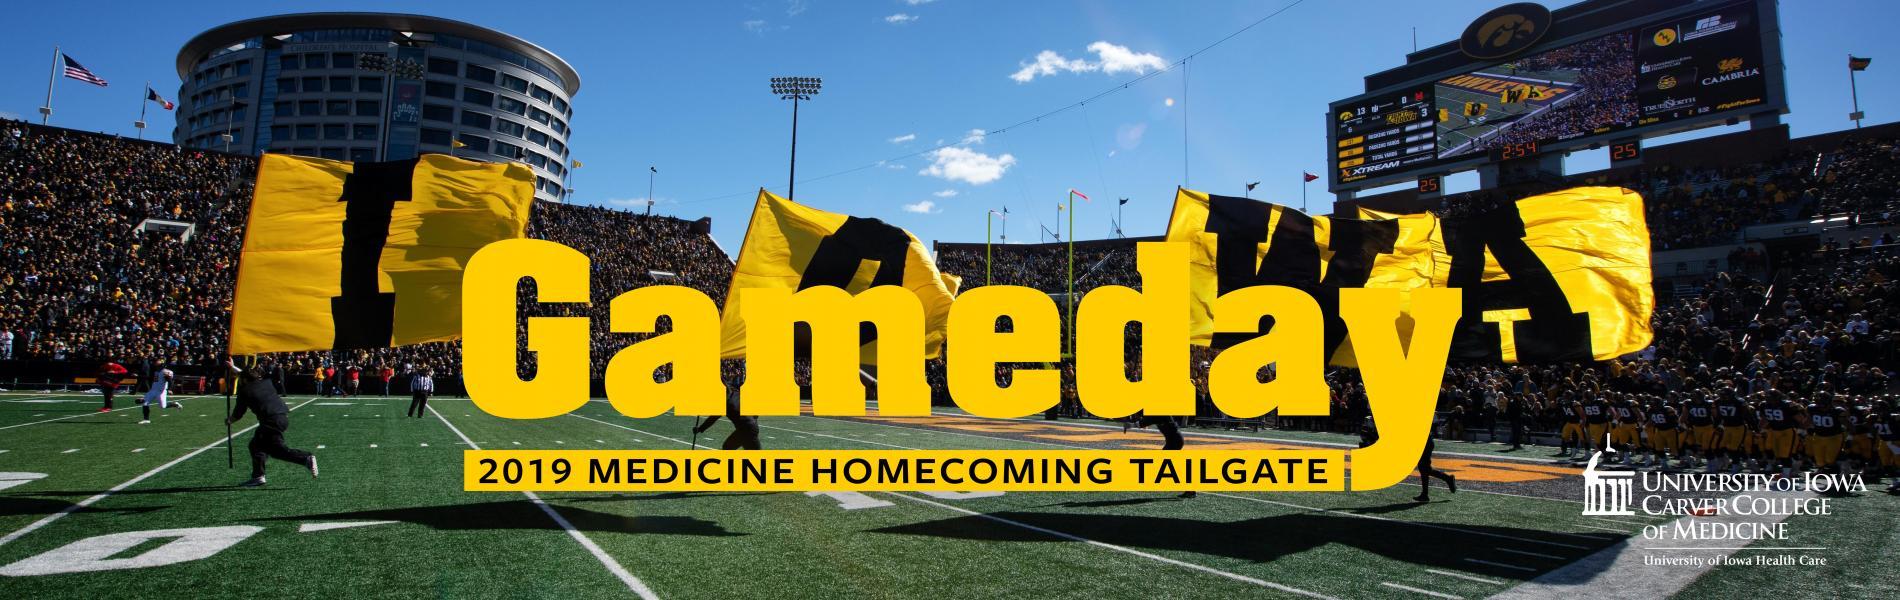 Iowa Medicine Homecoming Tailgate